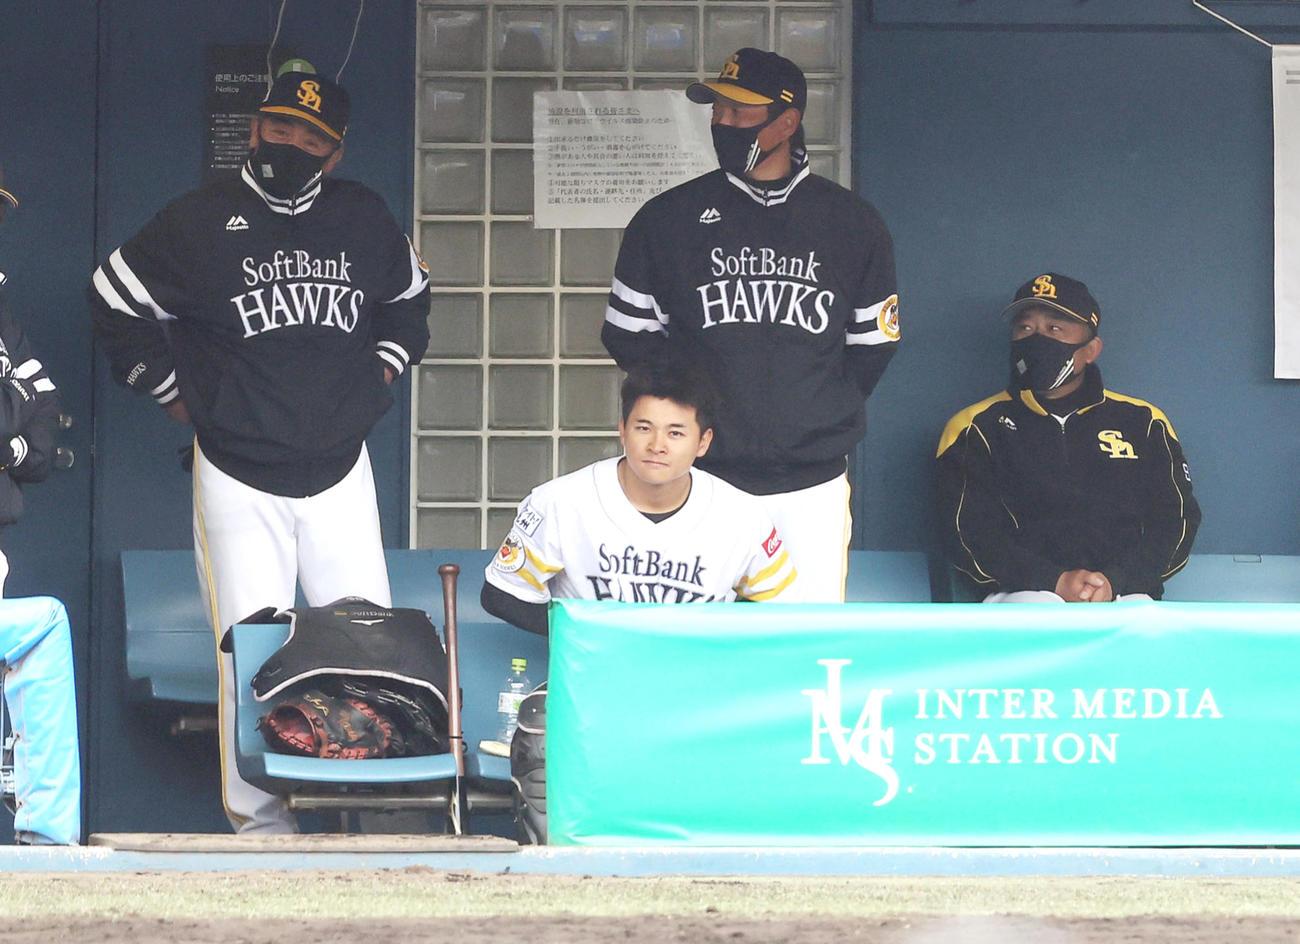 ソフトバンク対ロッテ 9回裏ソフトバンク無死一塁、ベンチで首をかしげる工藤公康監督(左)(撮影・垰建太)